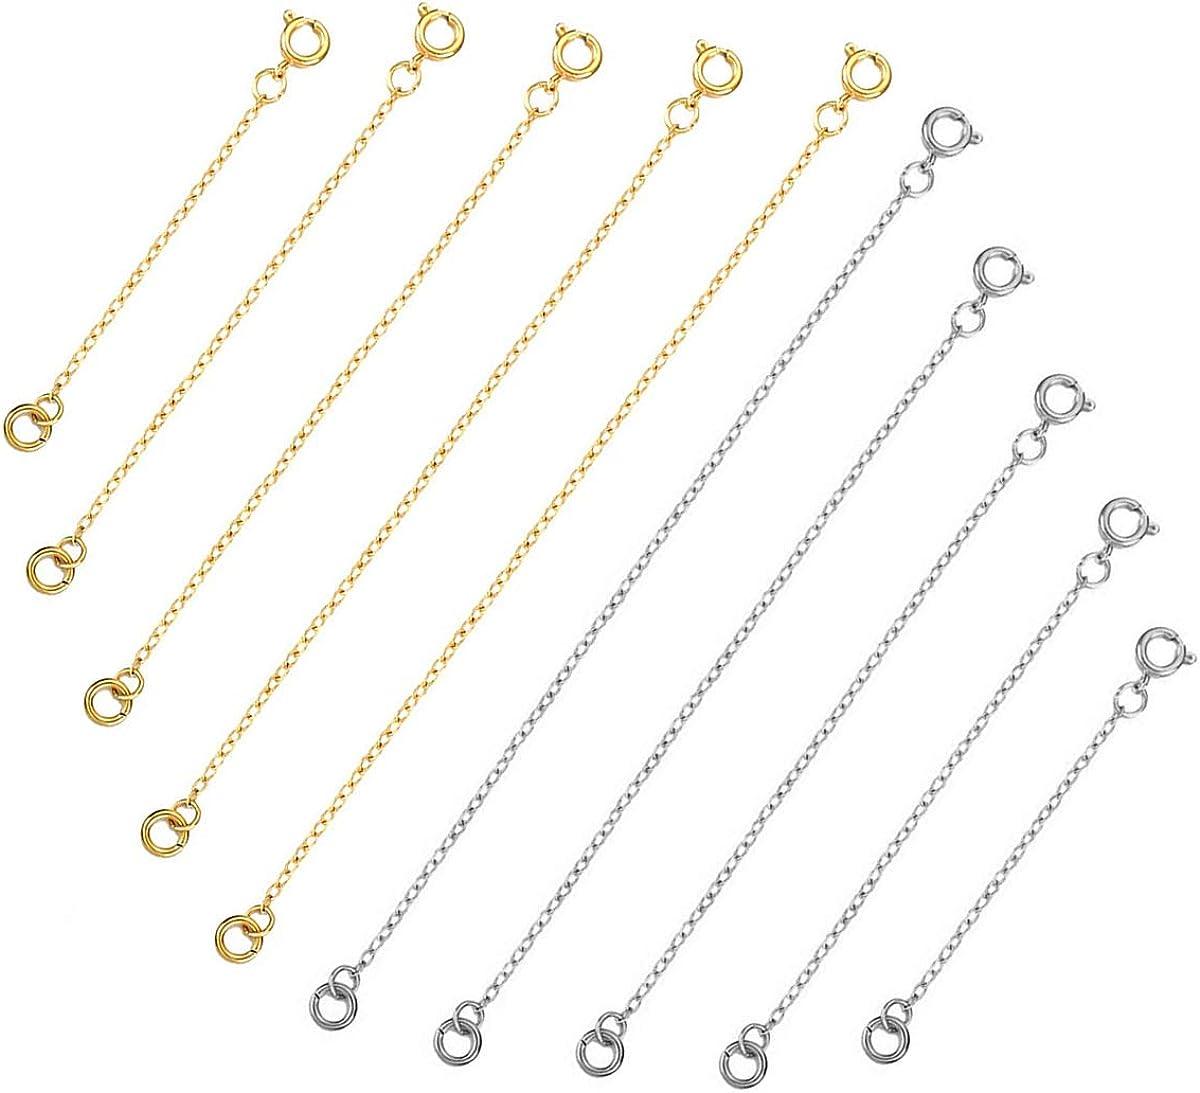 Argent et Or Dokpav 10 Pi/èces Cha/îne dExtension Cha/îne dExtension en Acier Inoxydable Rallonge de Cha/îne Collier Extension pour Fabrication de Bijoux